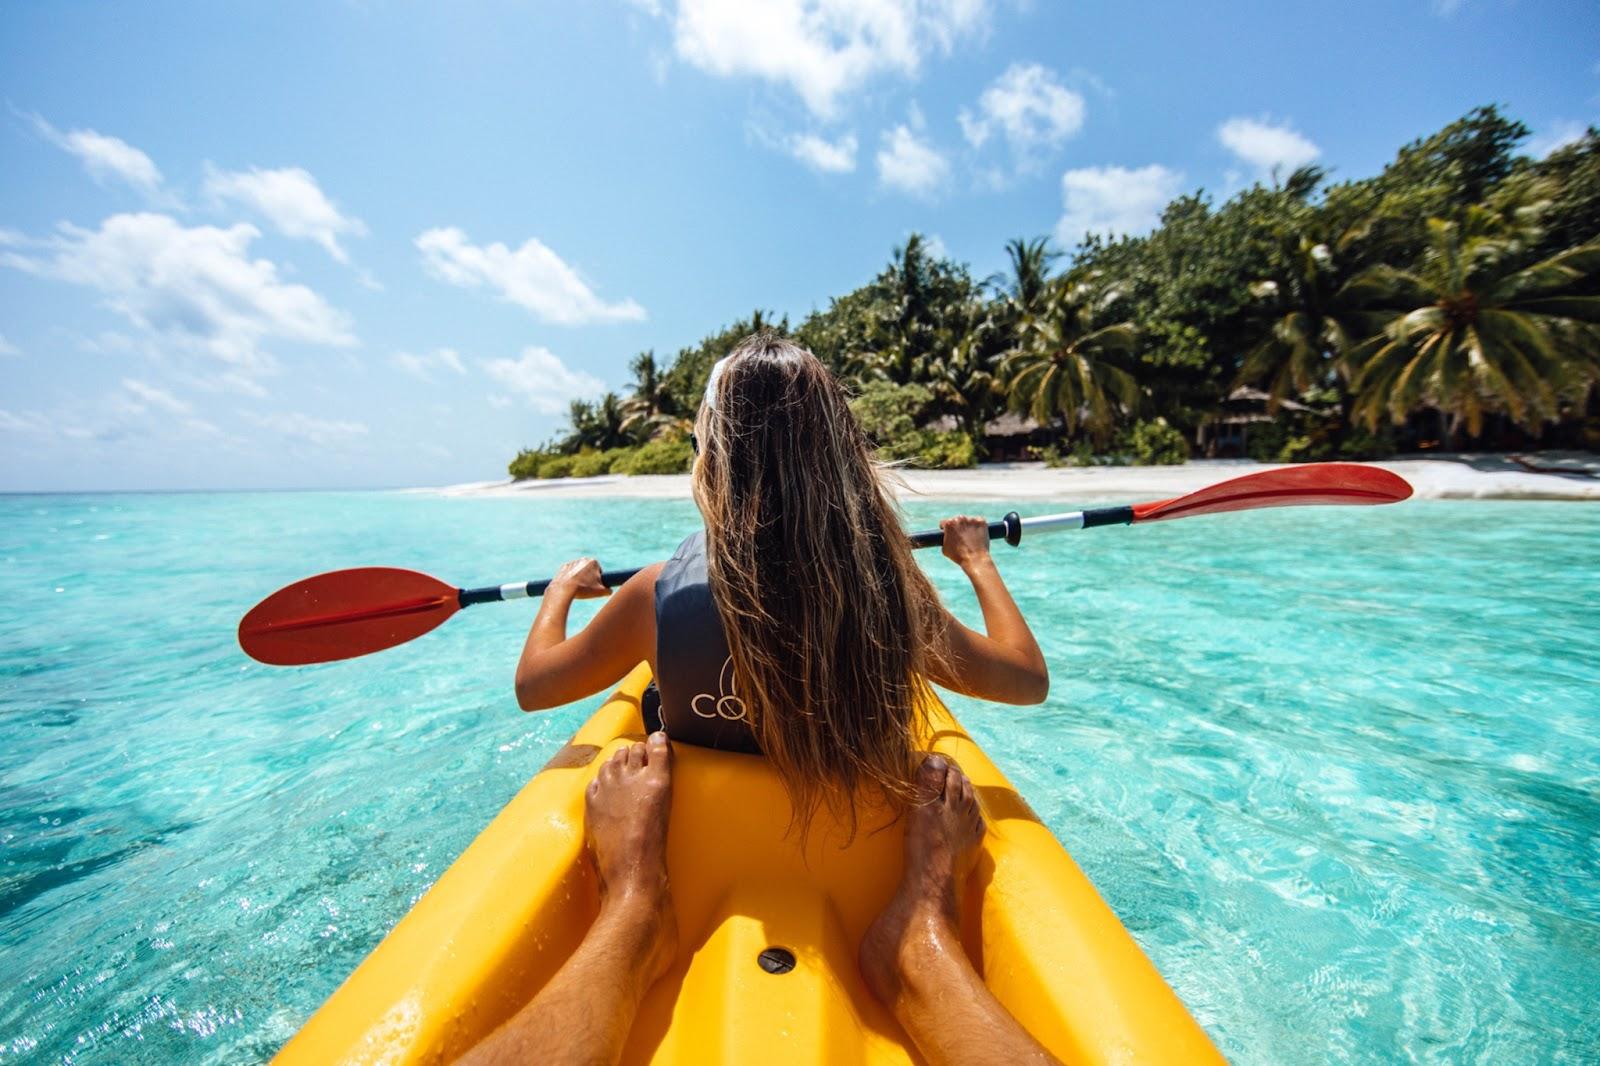 kayaking newly-wed date night idea